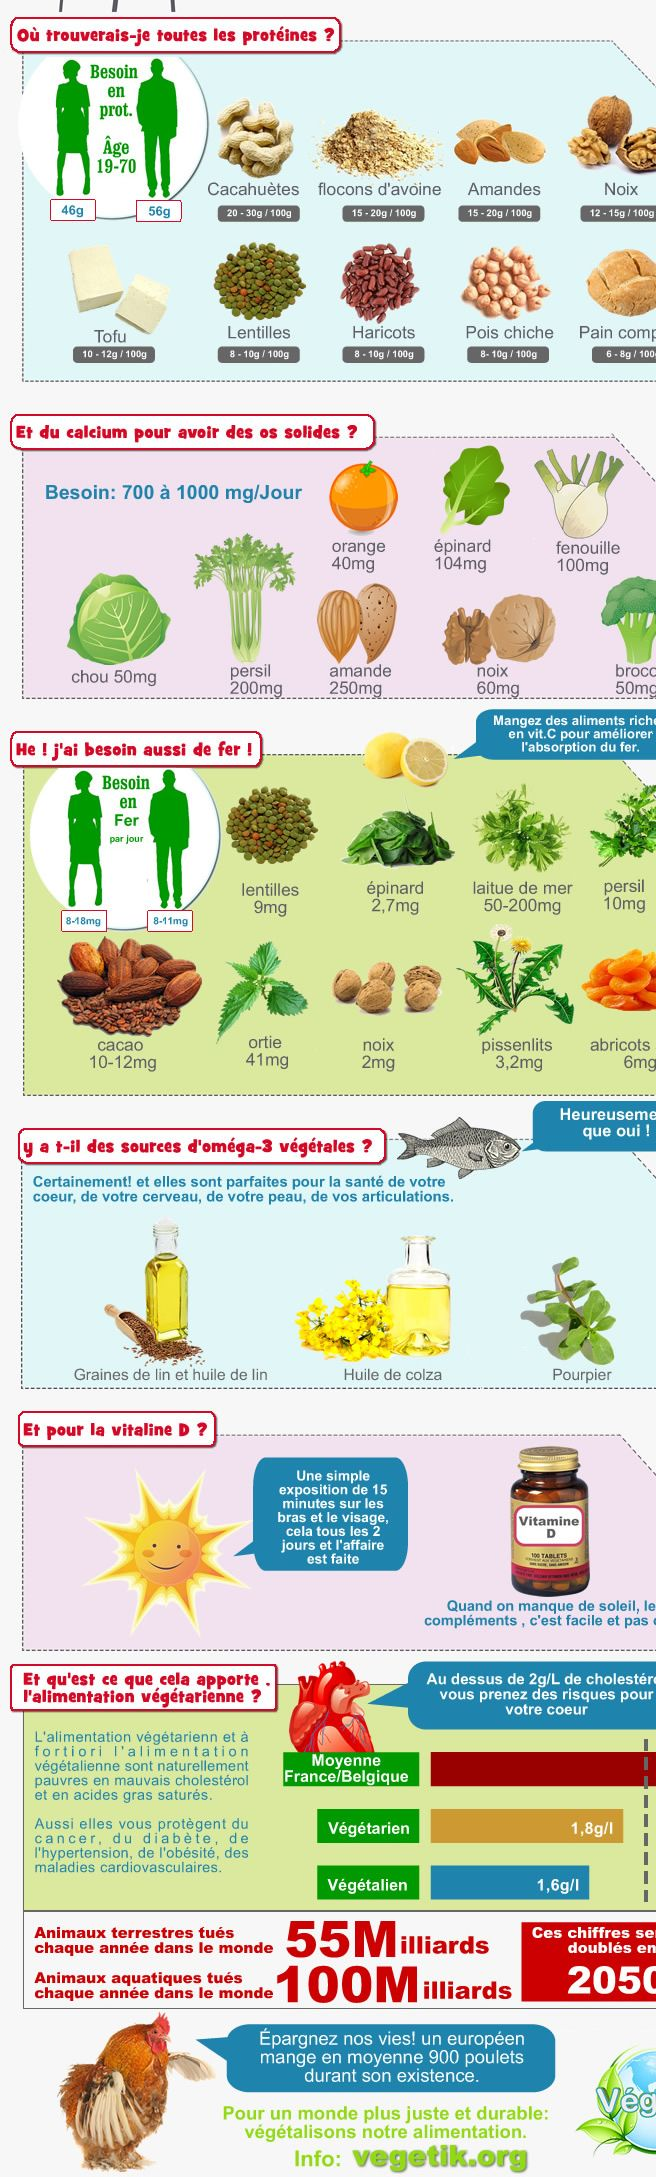 Où trouver fer, calcium, protéines, ailleurs que dans la viande et les produits laitiers